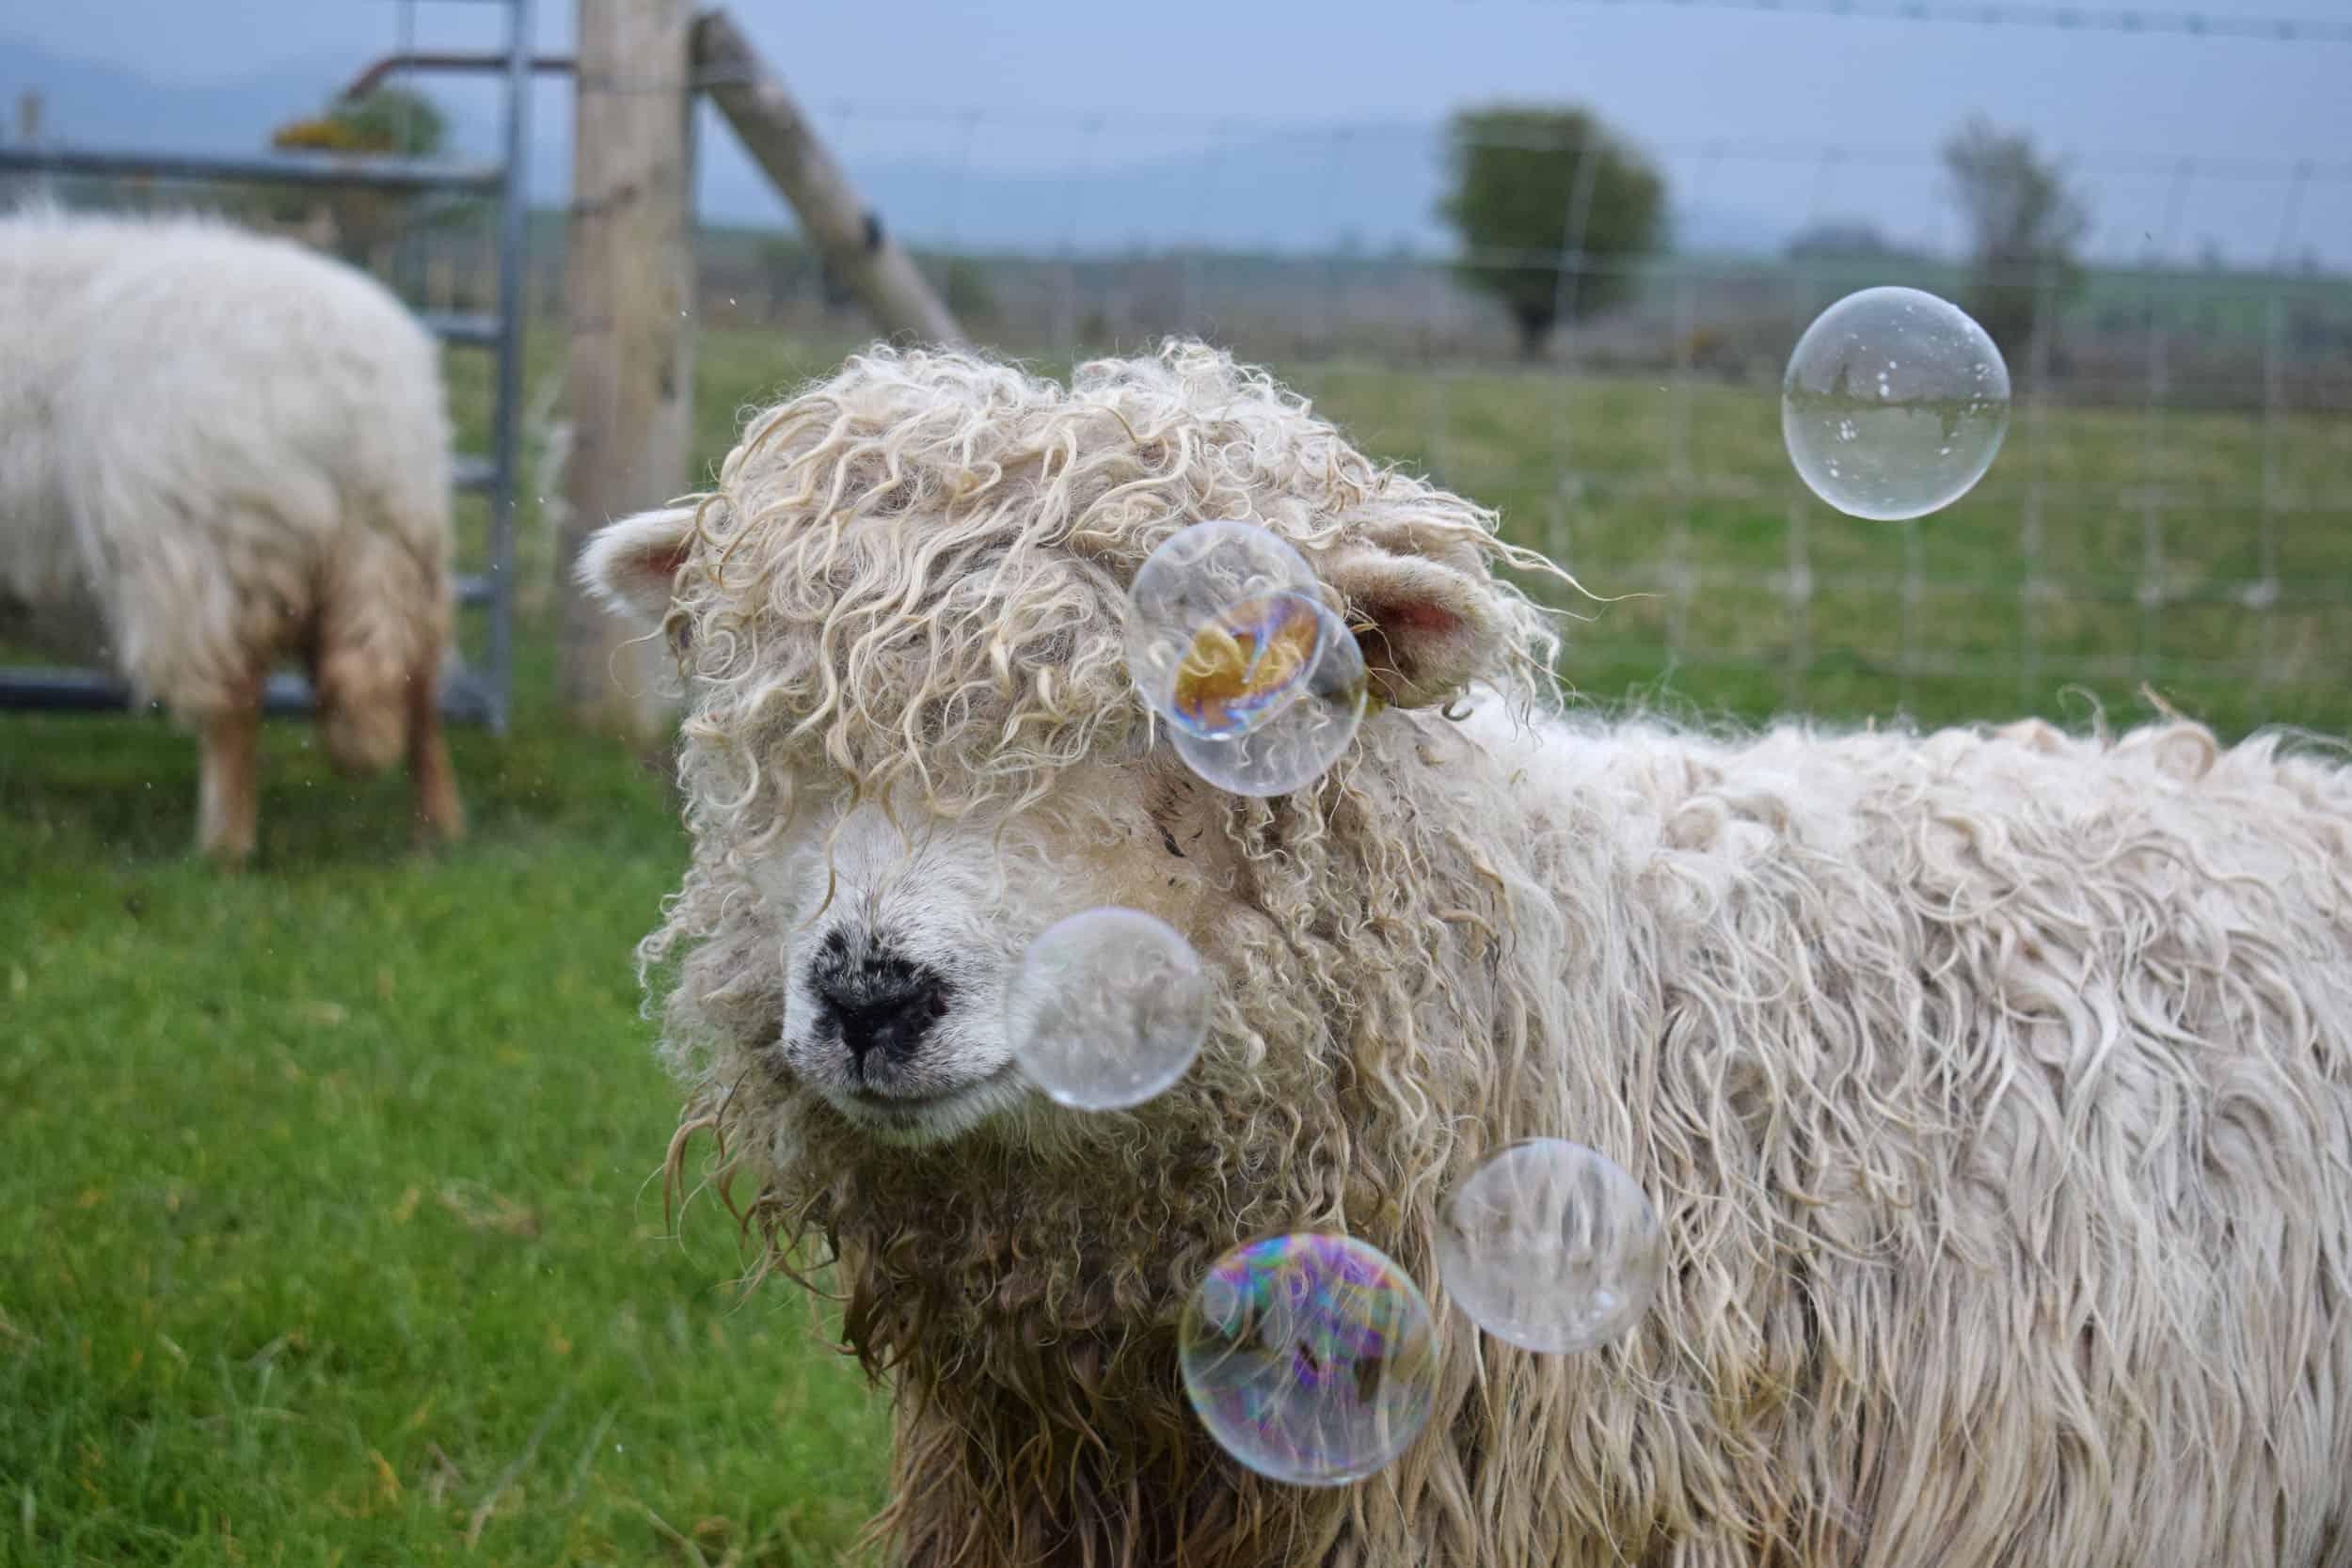 Merry gfd greyface dartmoor cute sheep vegetarian sheepskin rugs fleece grey face bubbles 2 pet sheep